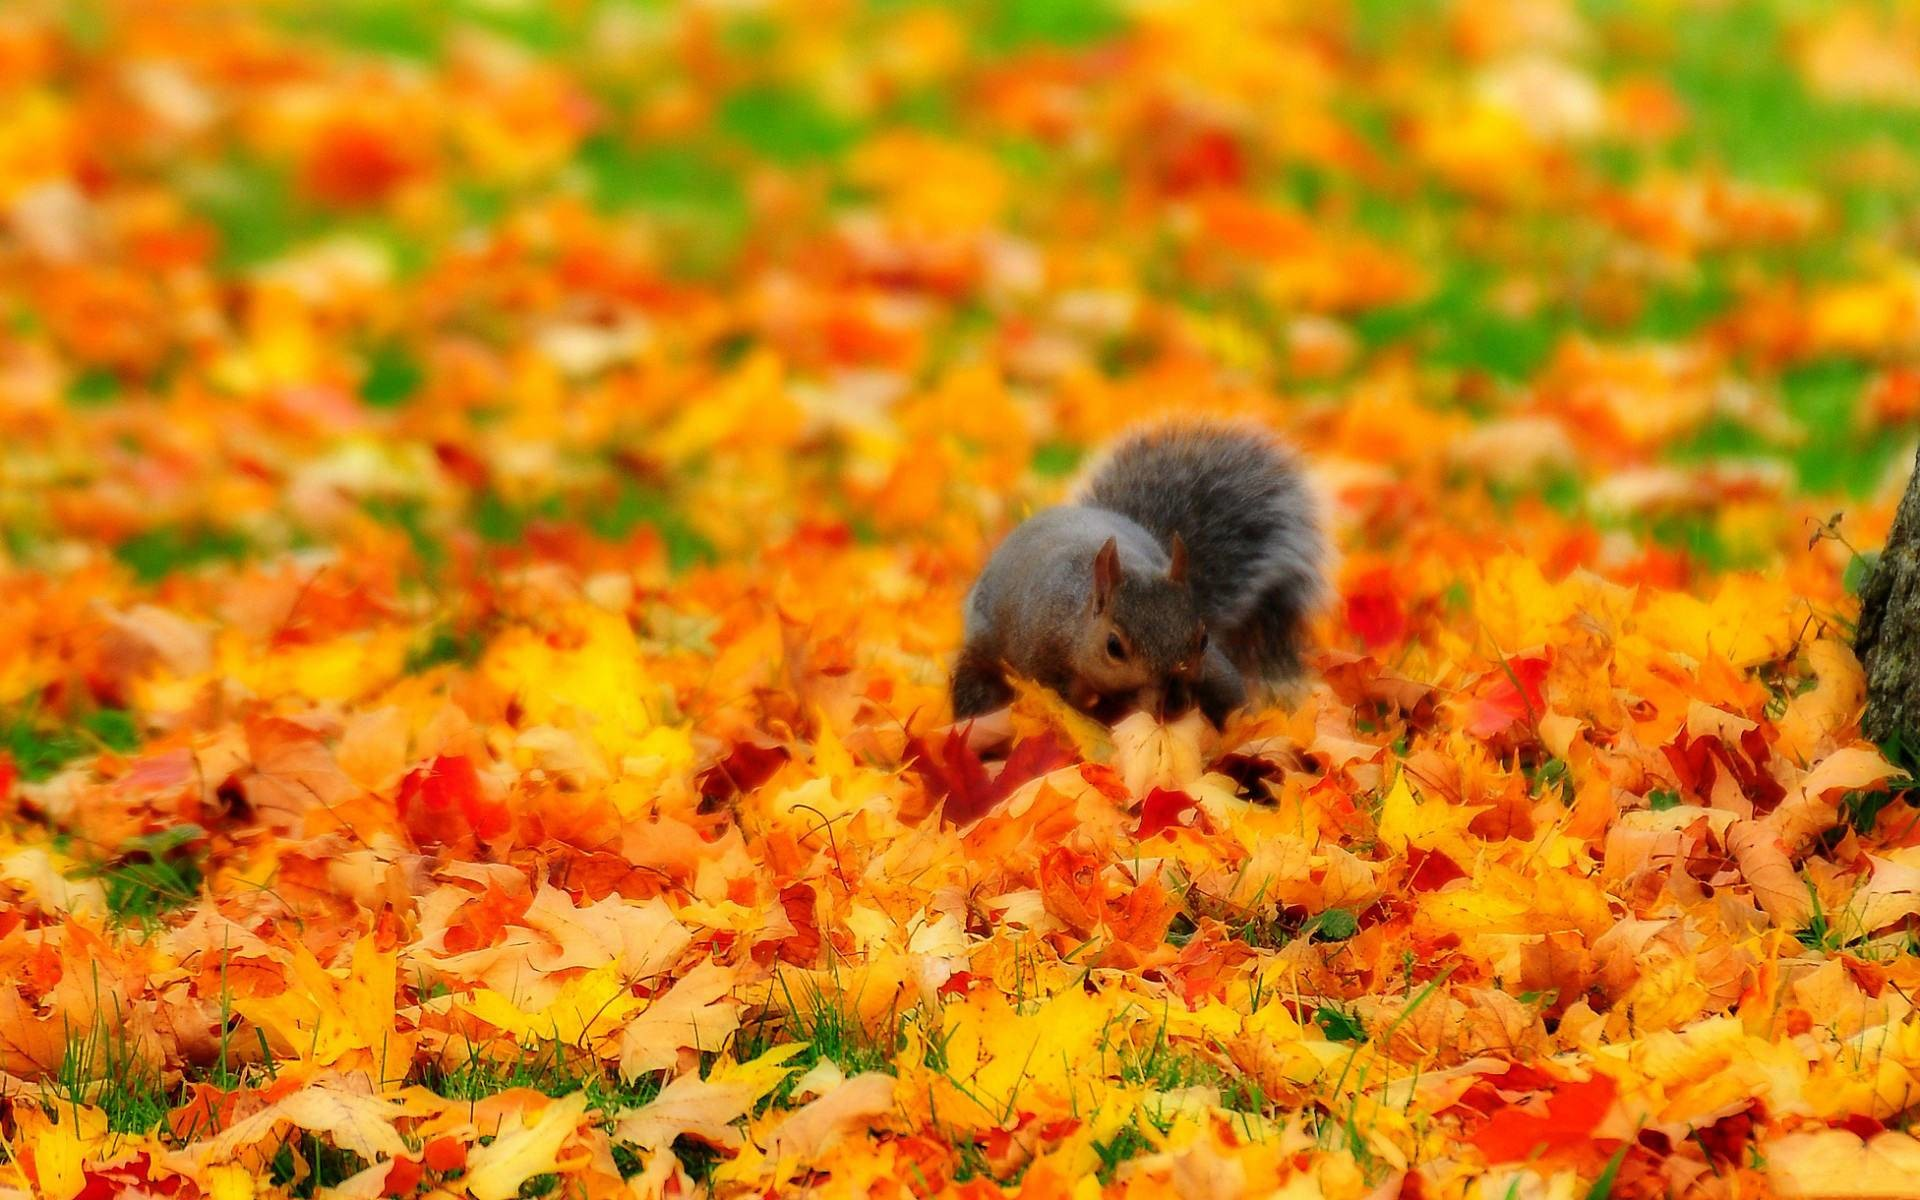 Autumn Wallpaper Hd Widescreen(35).jpg